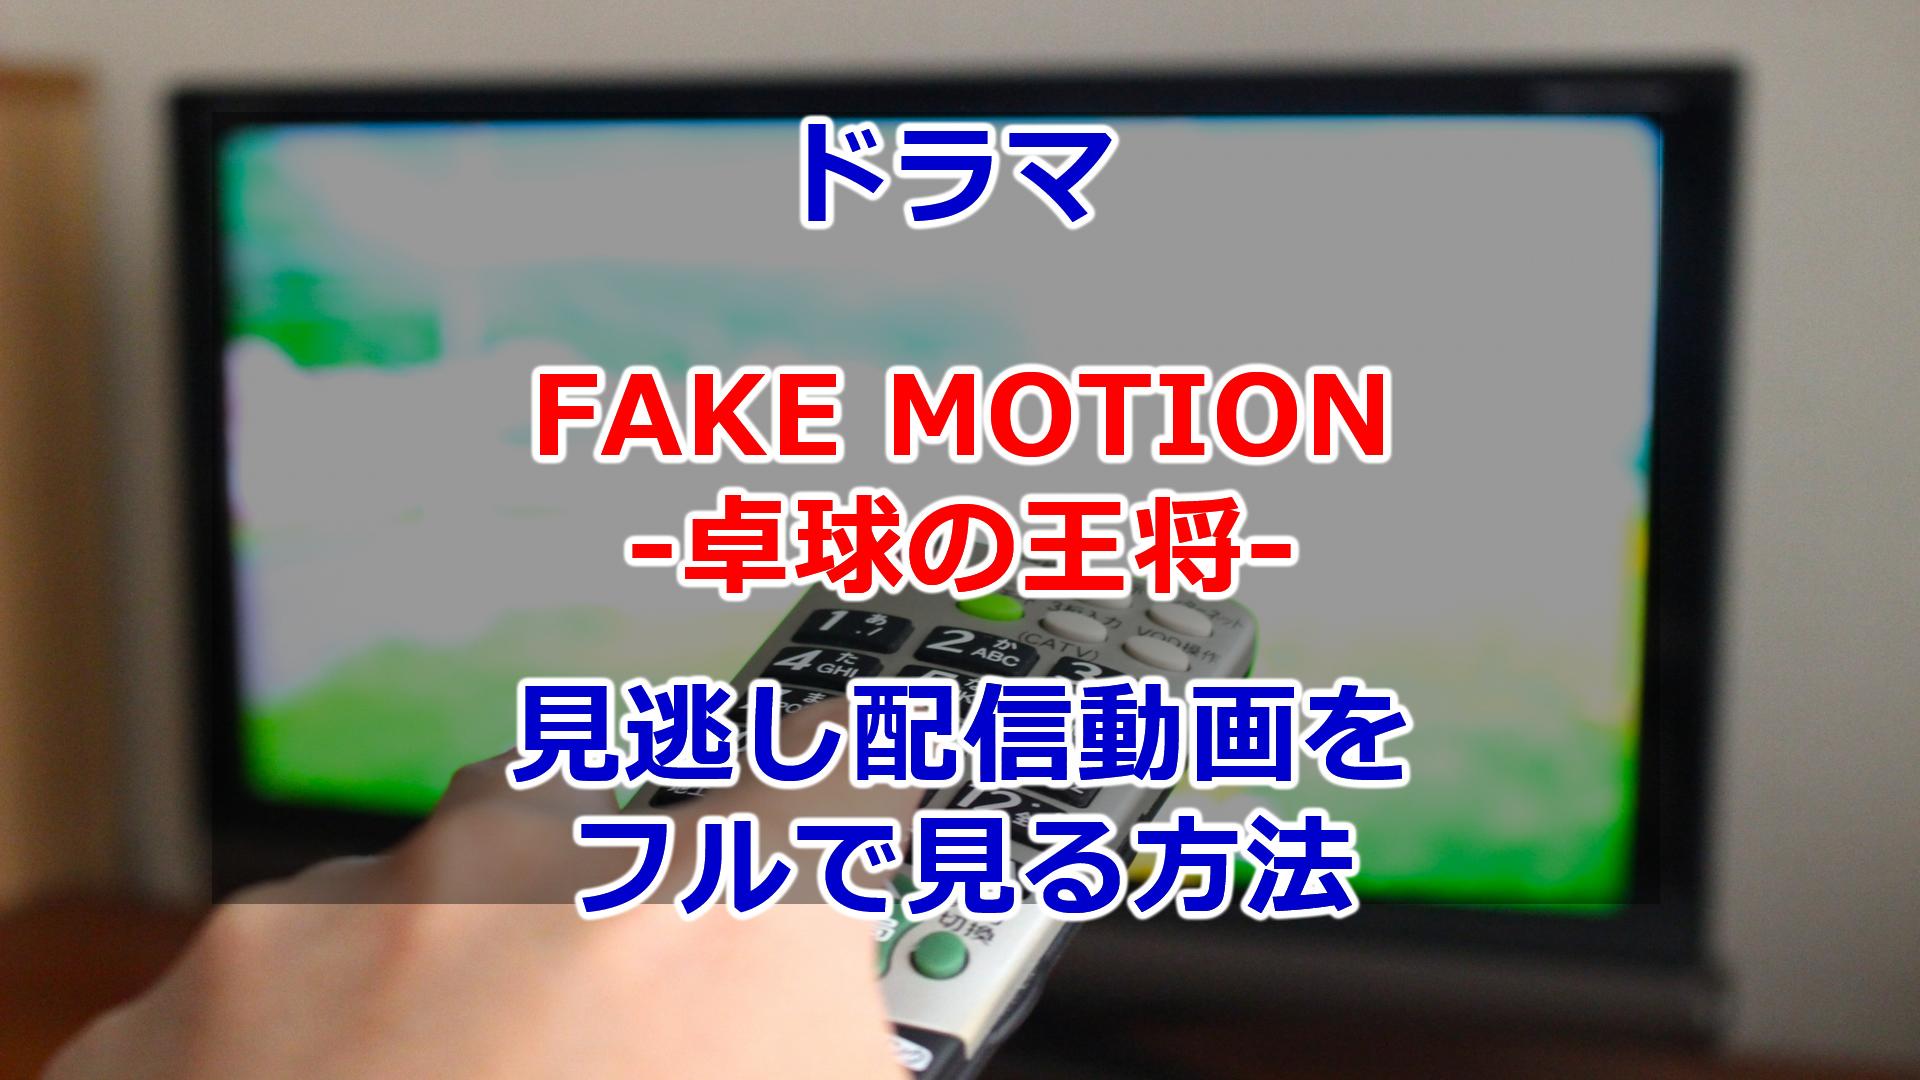 2020春ドラマFAKEMOTION-卓球の王将-見逃し配信動画をフル視聴する方法